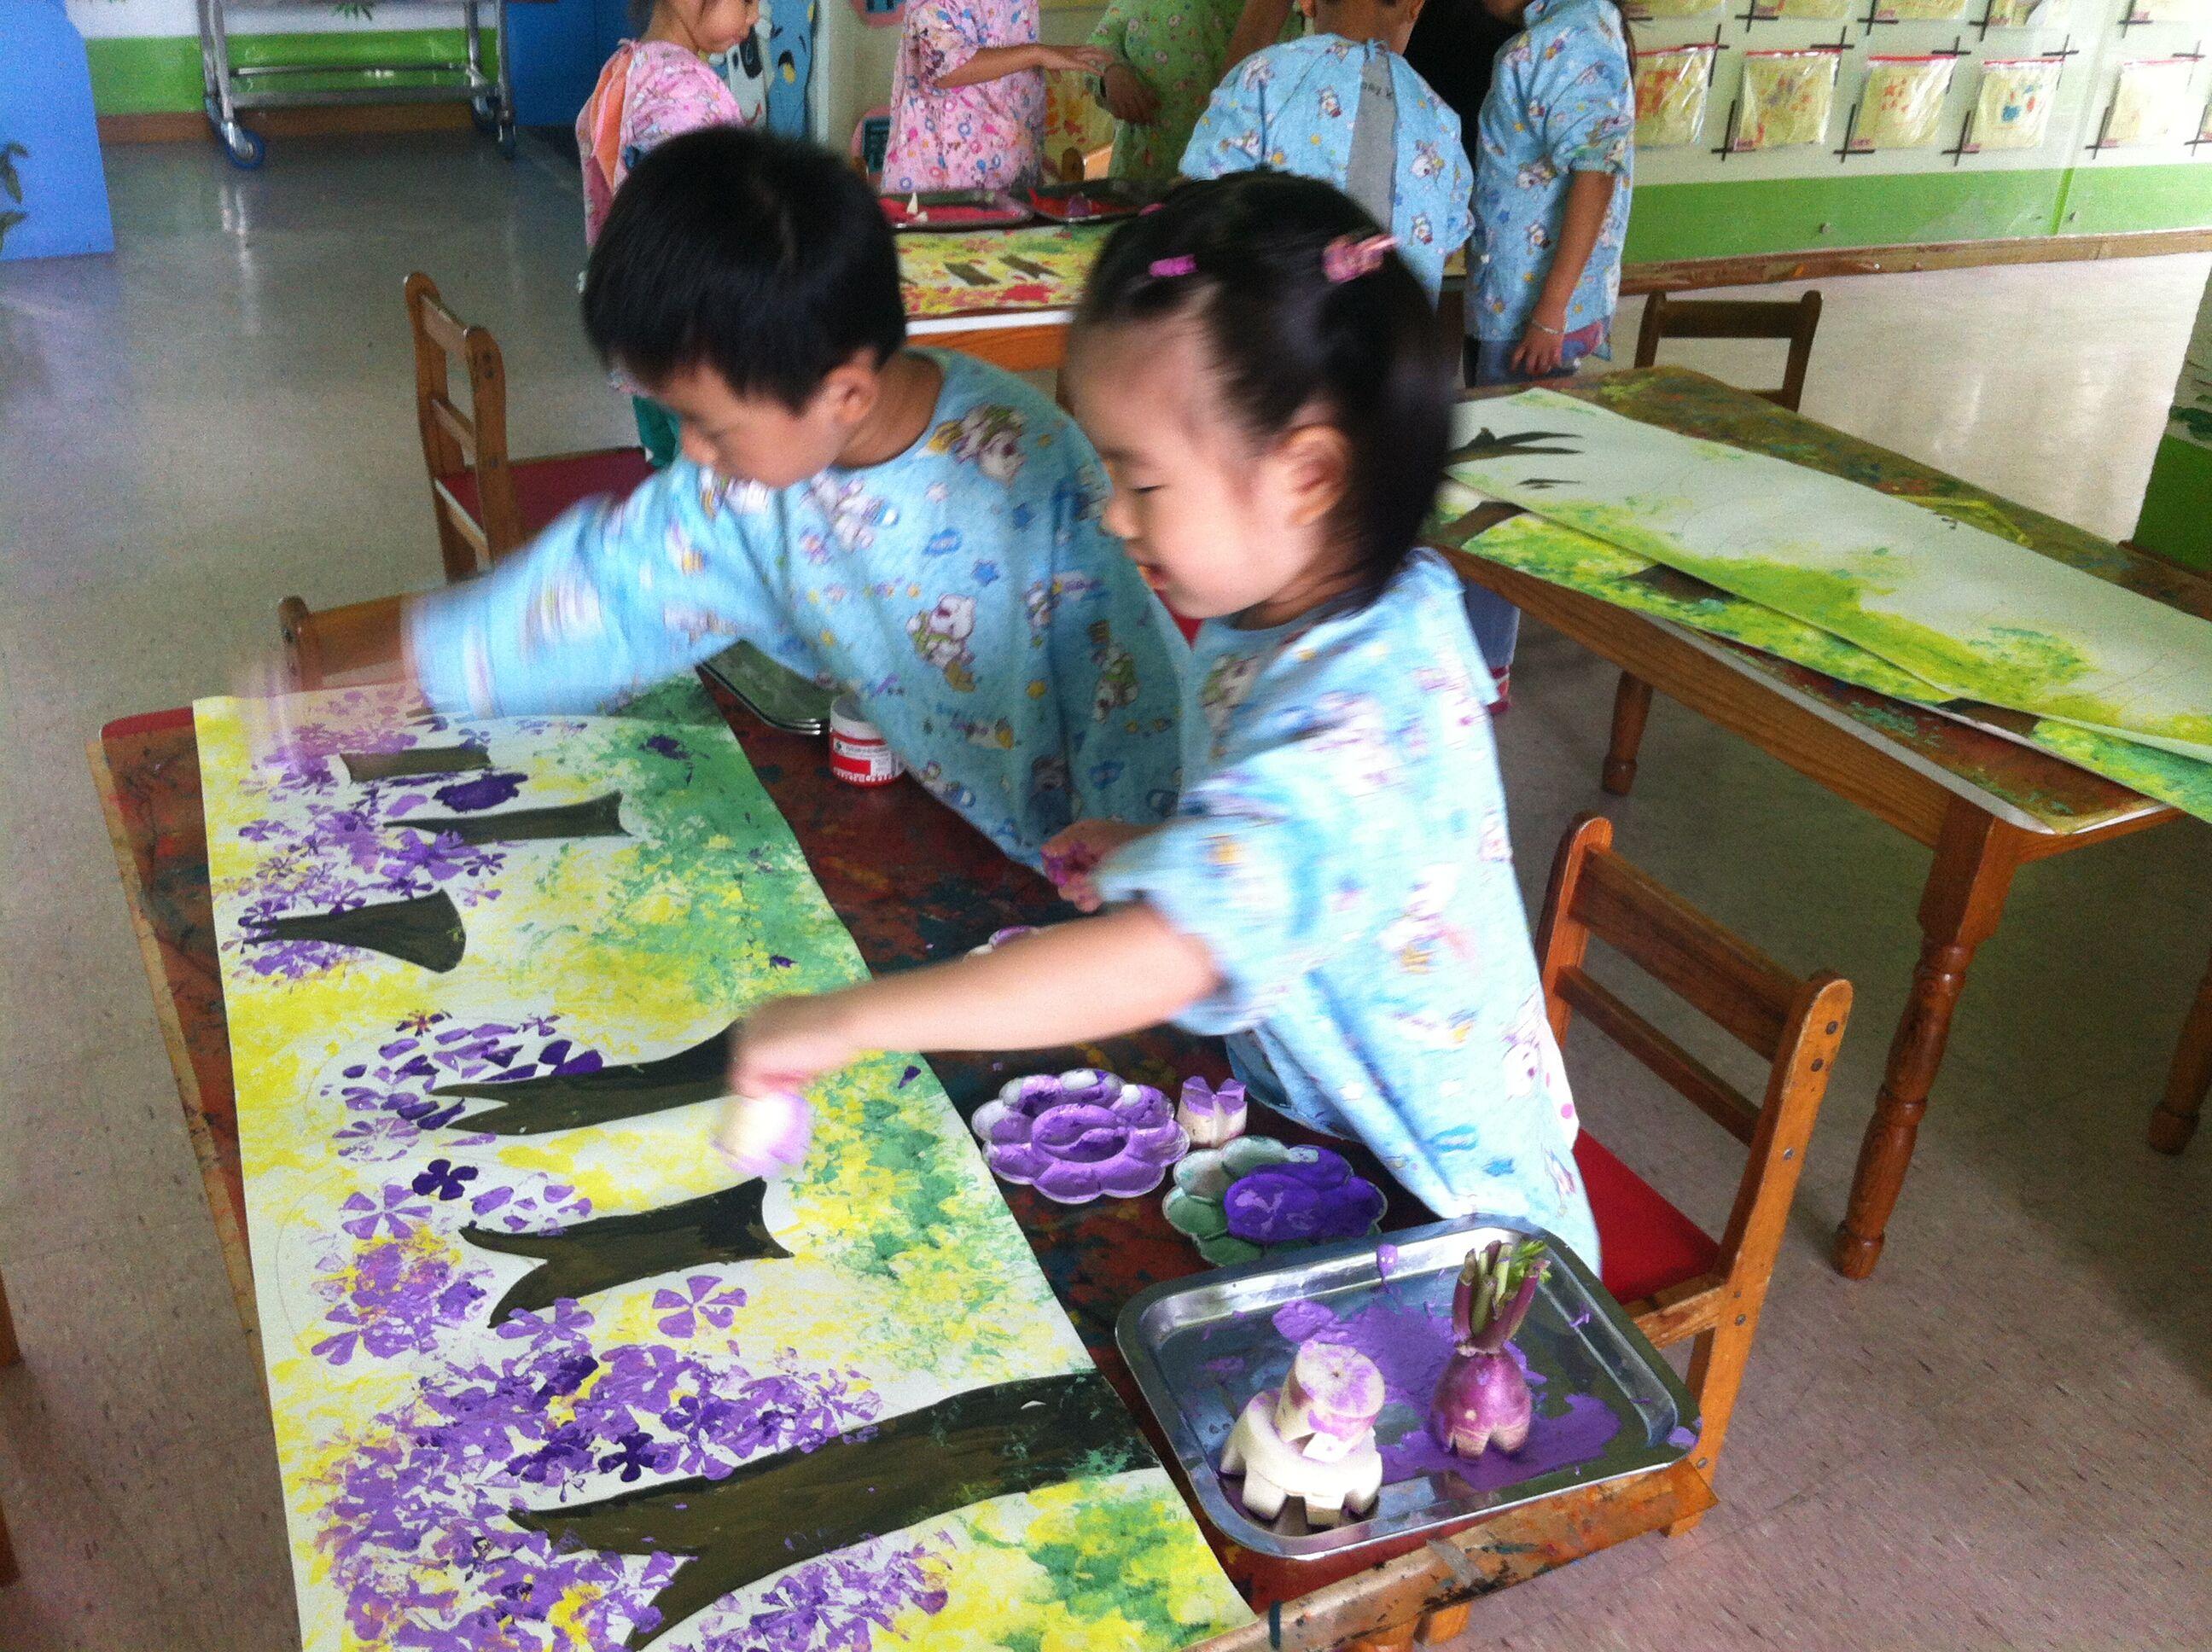 缤纷色彩 快乐涂鸦 ——金山幼儿园美术特色活动系列报道